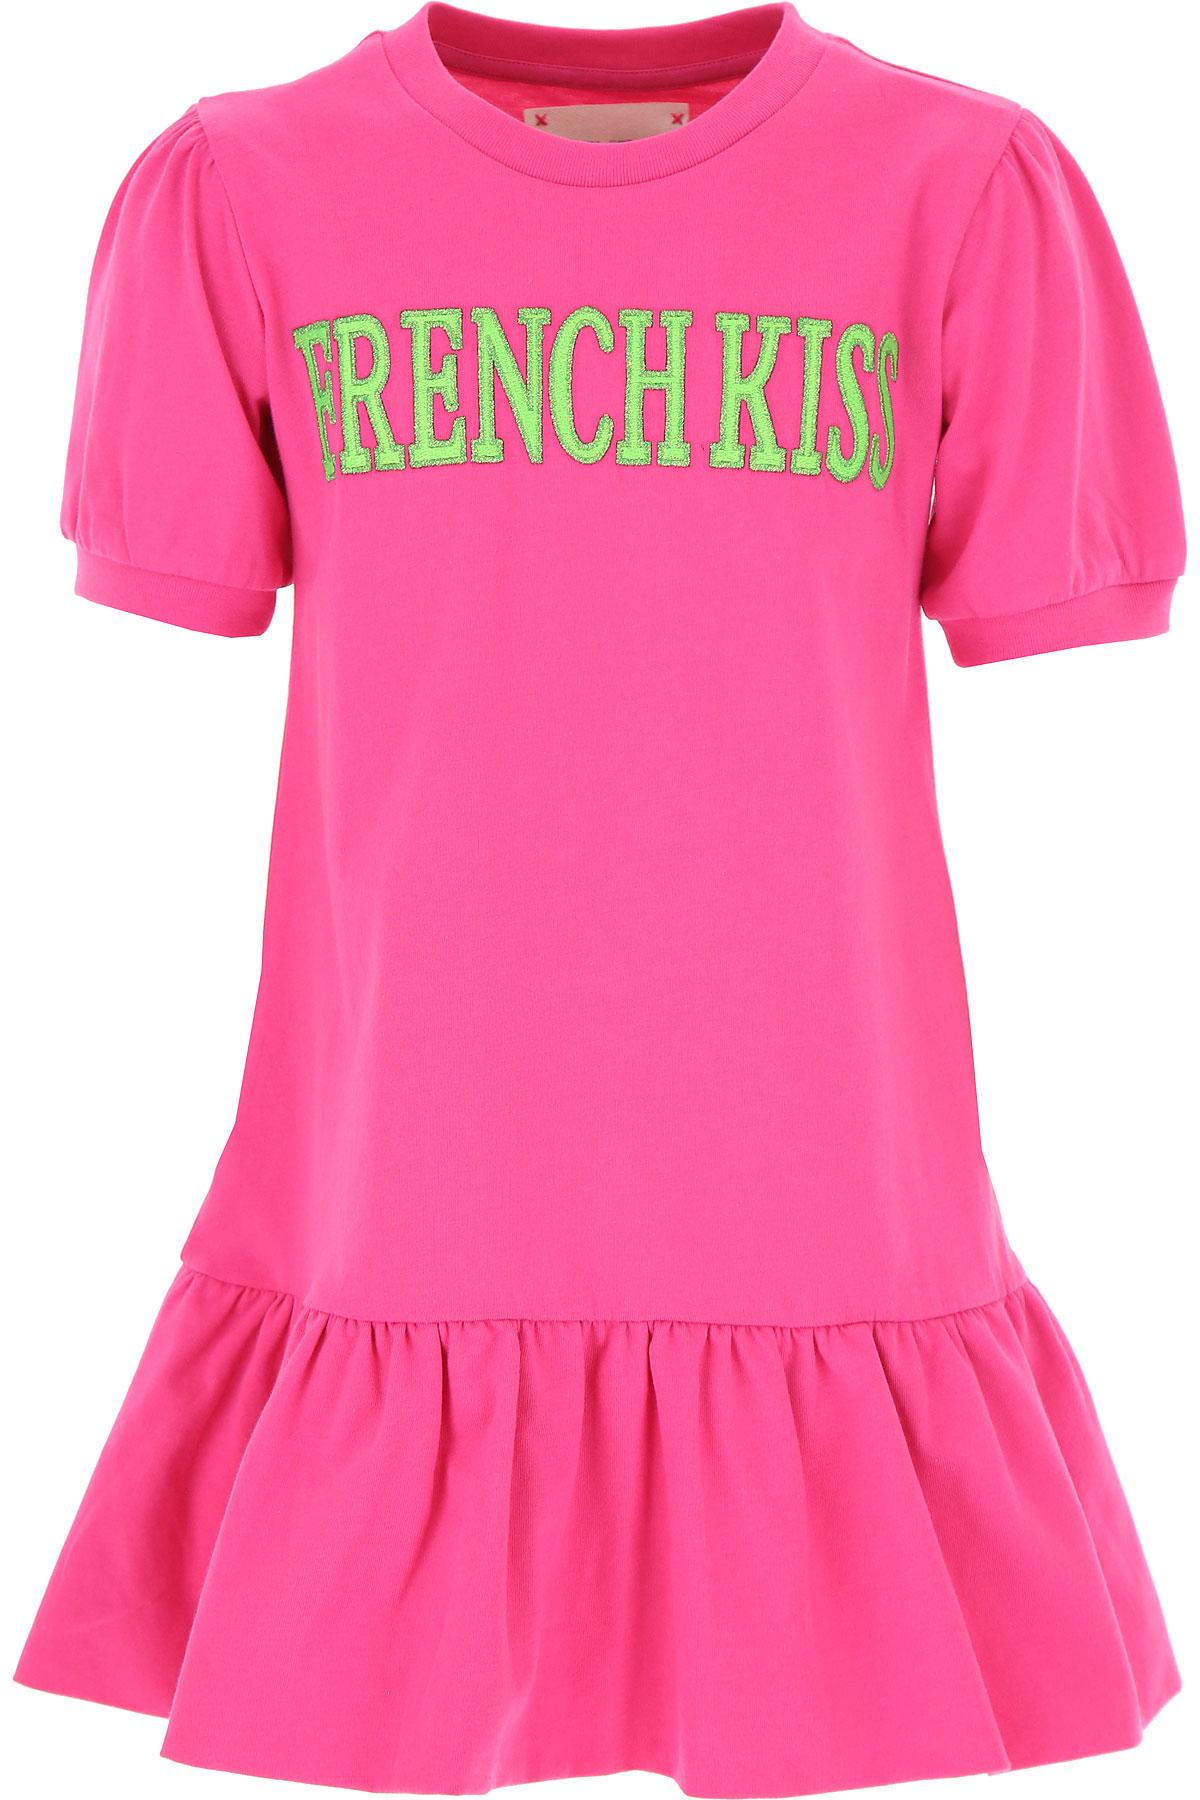 Alberta Ferretti Girls Dress On Sale, Fuchsia, Cotton, 2019, 10Y 4Y 6Y 8Y